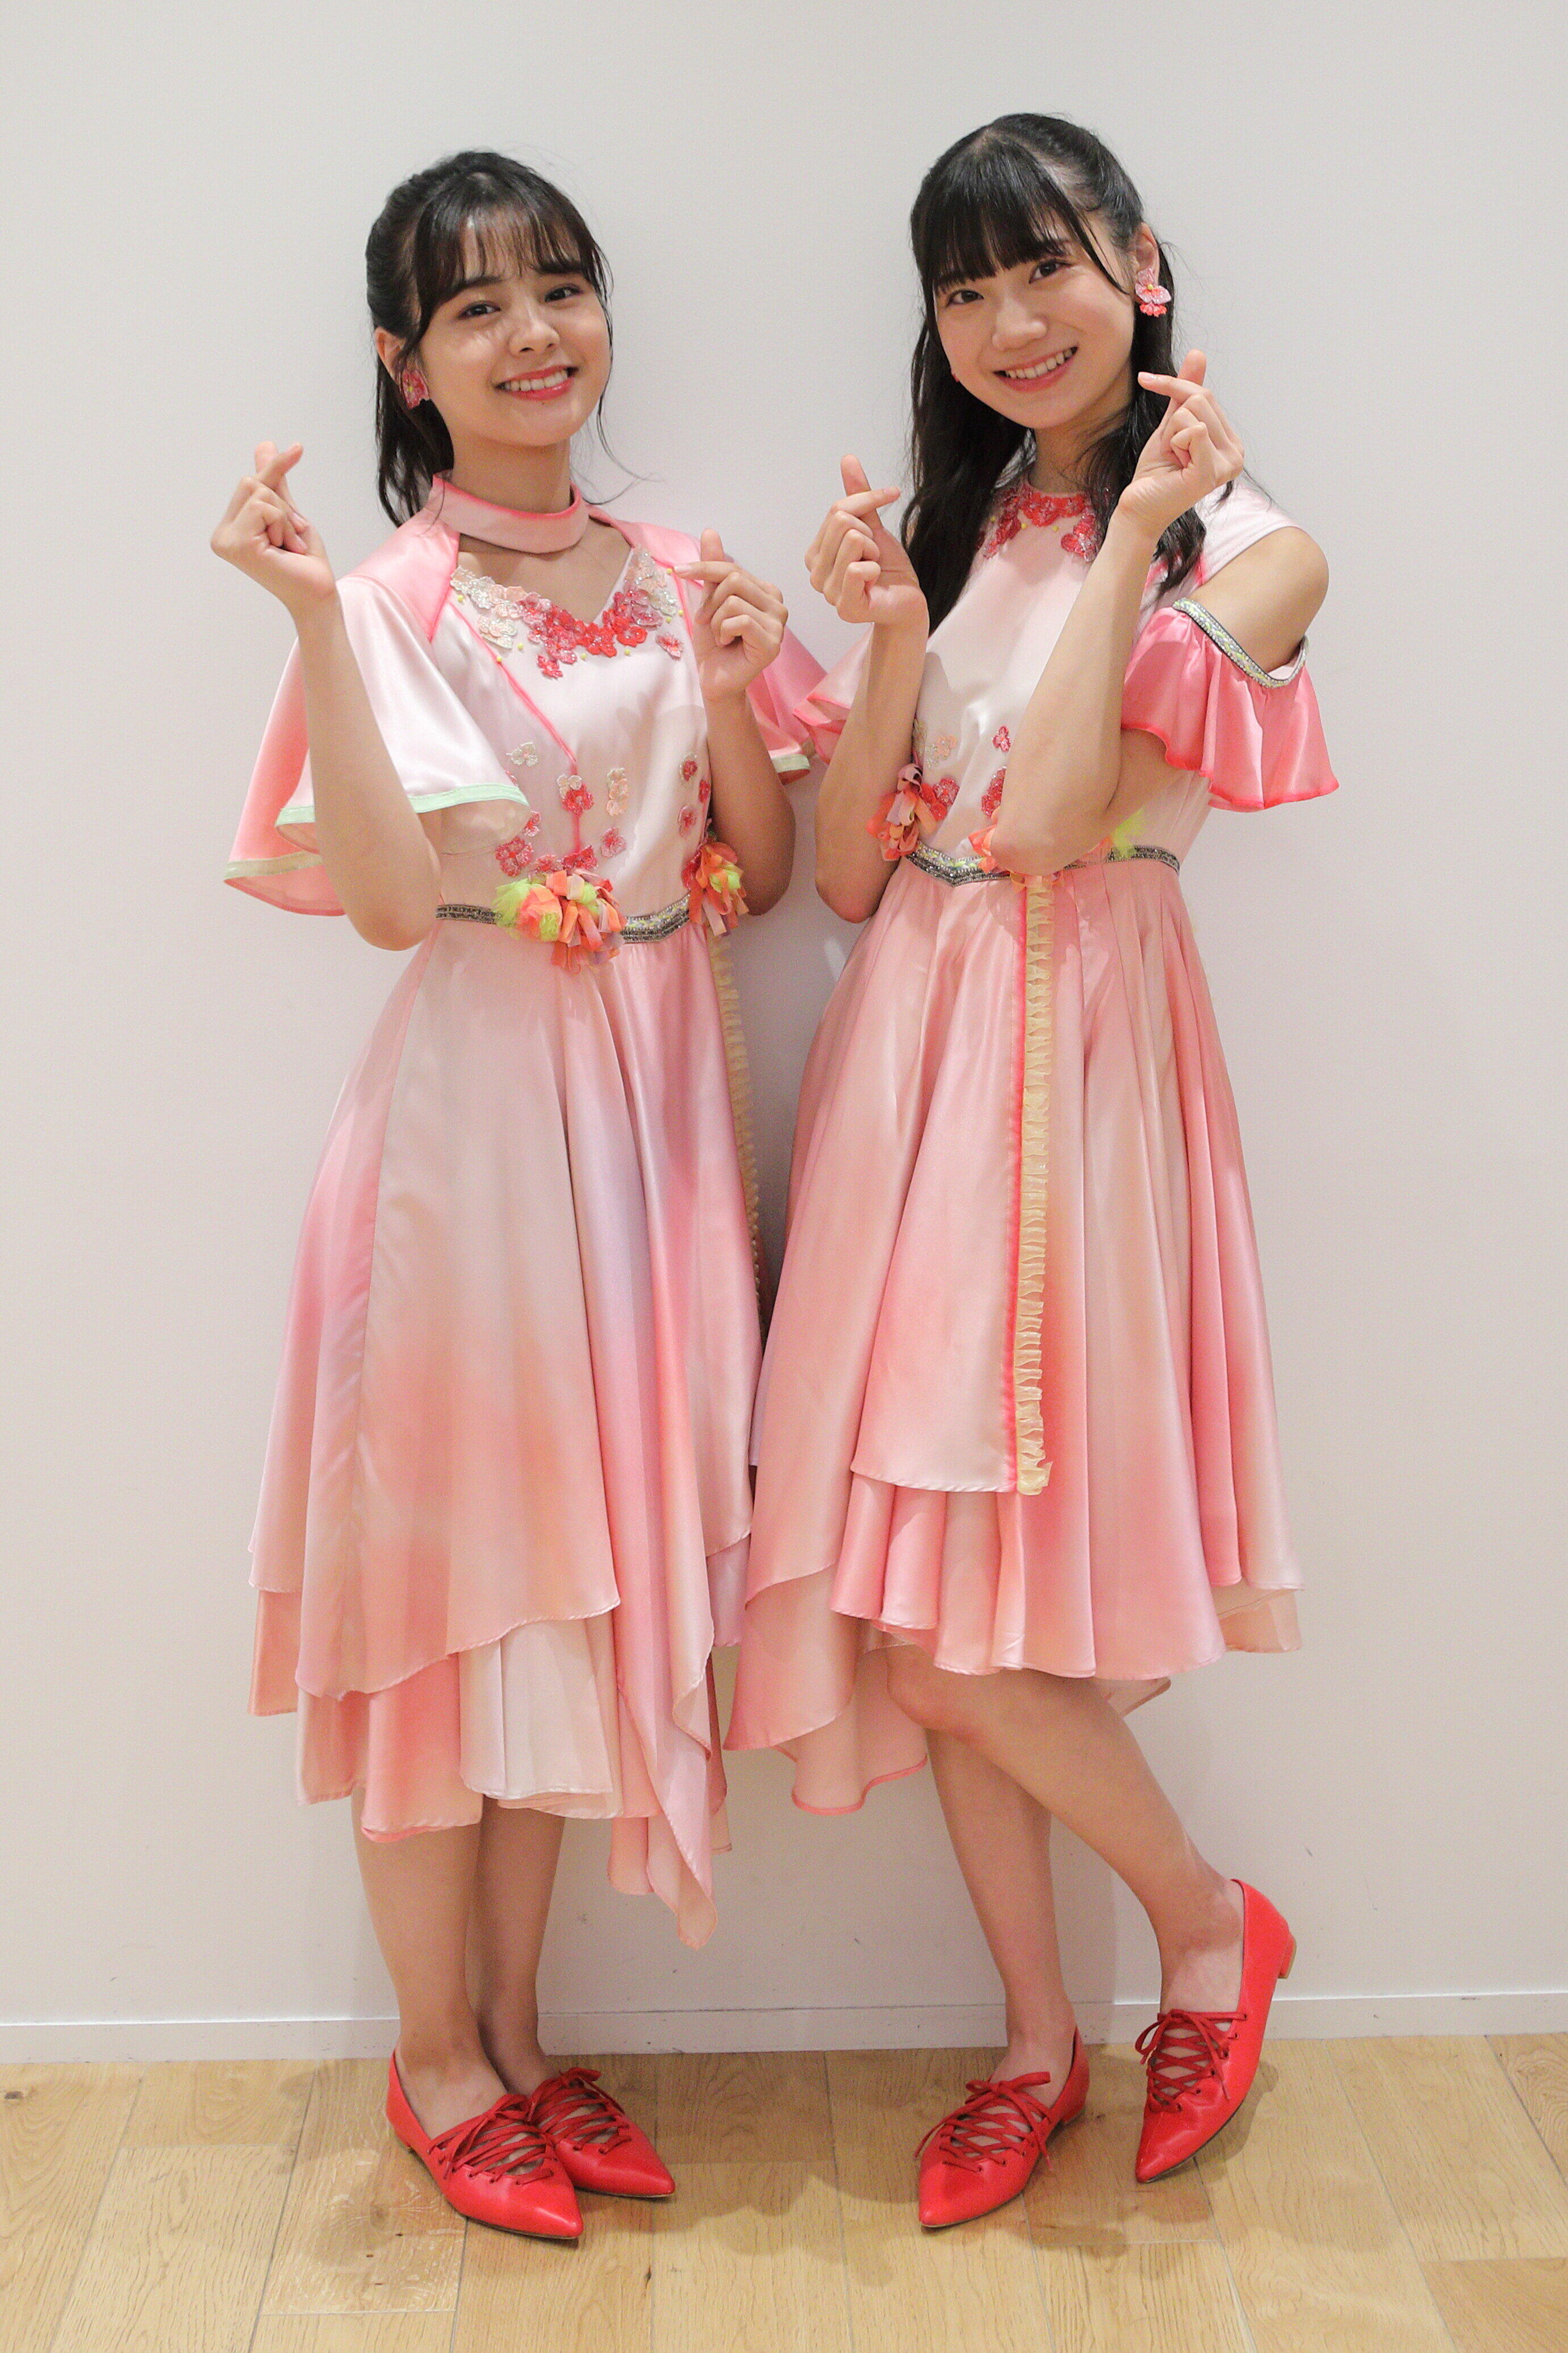 新曲「シャーベット」ピンクの衣装は、1期生(写真左・本間日陽さん)は首元が開いているデザインで、研究生(同右・藤崎未夢)は肩が開いているデザインだ